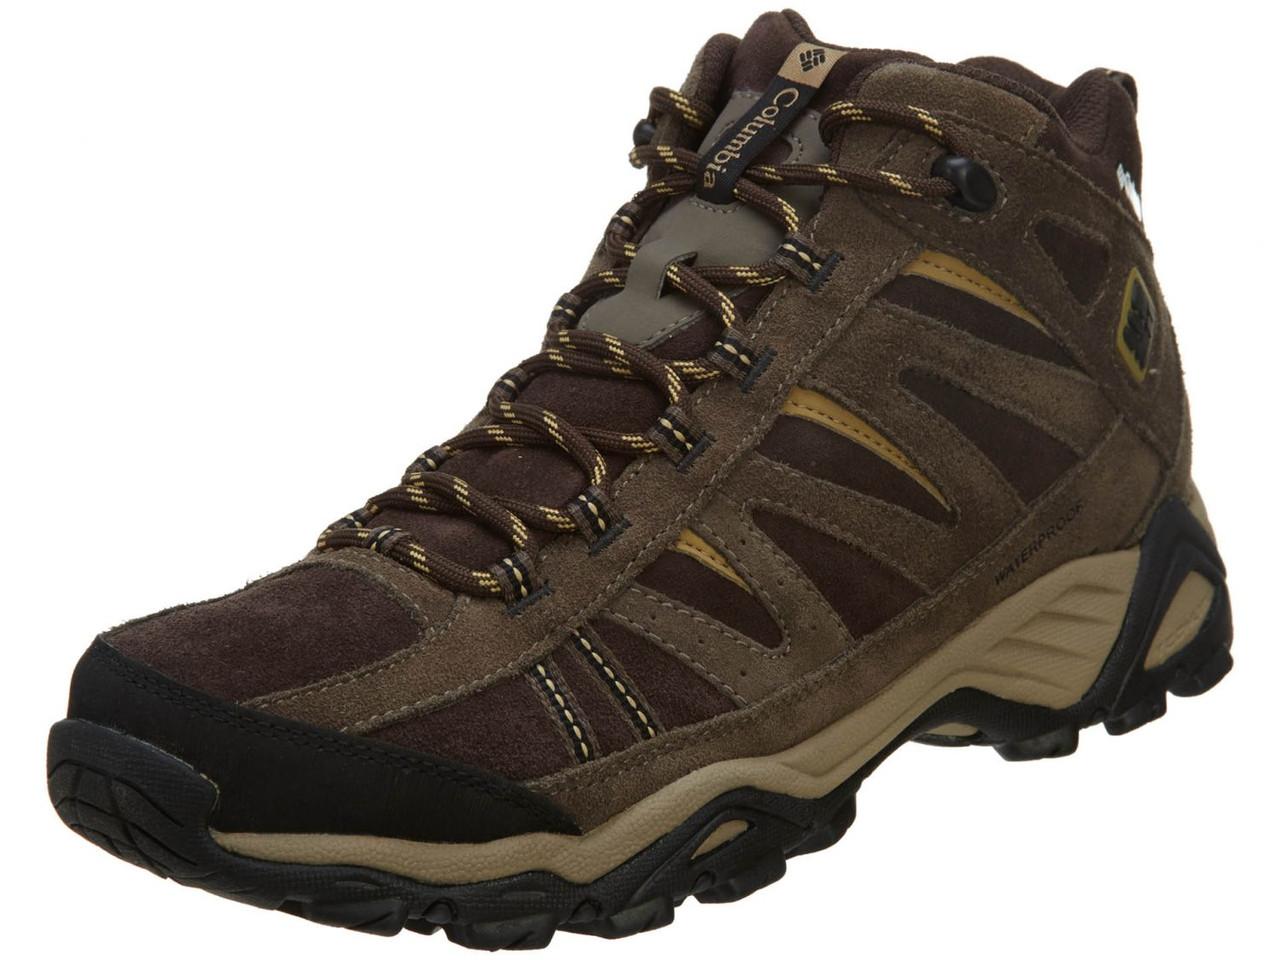 Мужские ботинки Columbia North Plains Mid Leather Waterproof Boot  YM5095-232 ( Оригинал ) - c195b7337e8